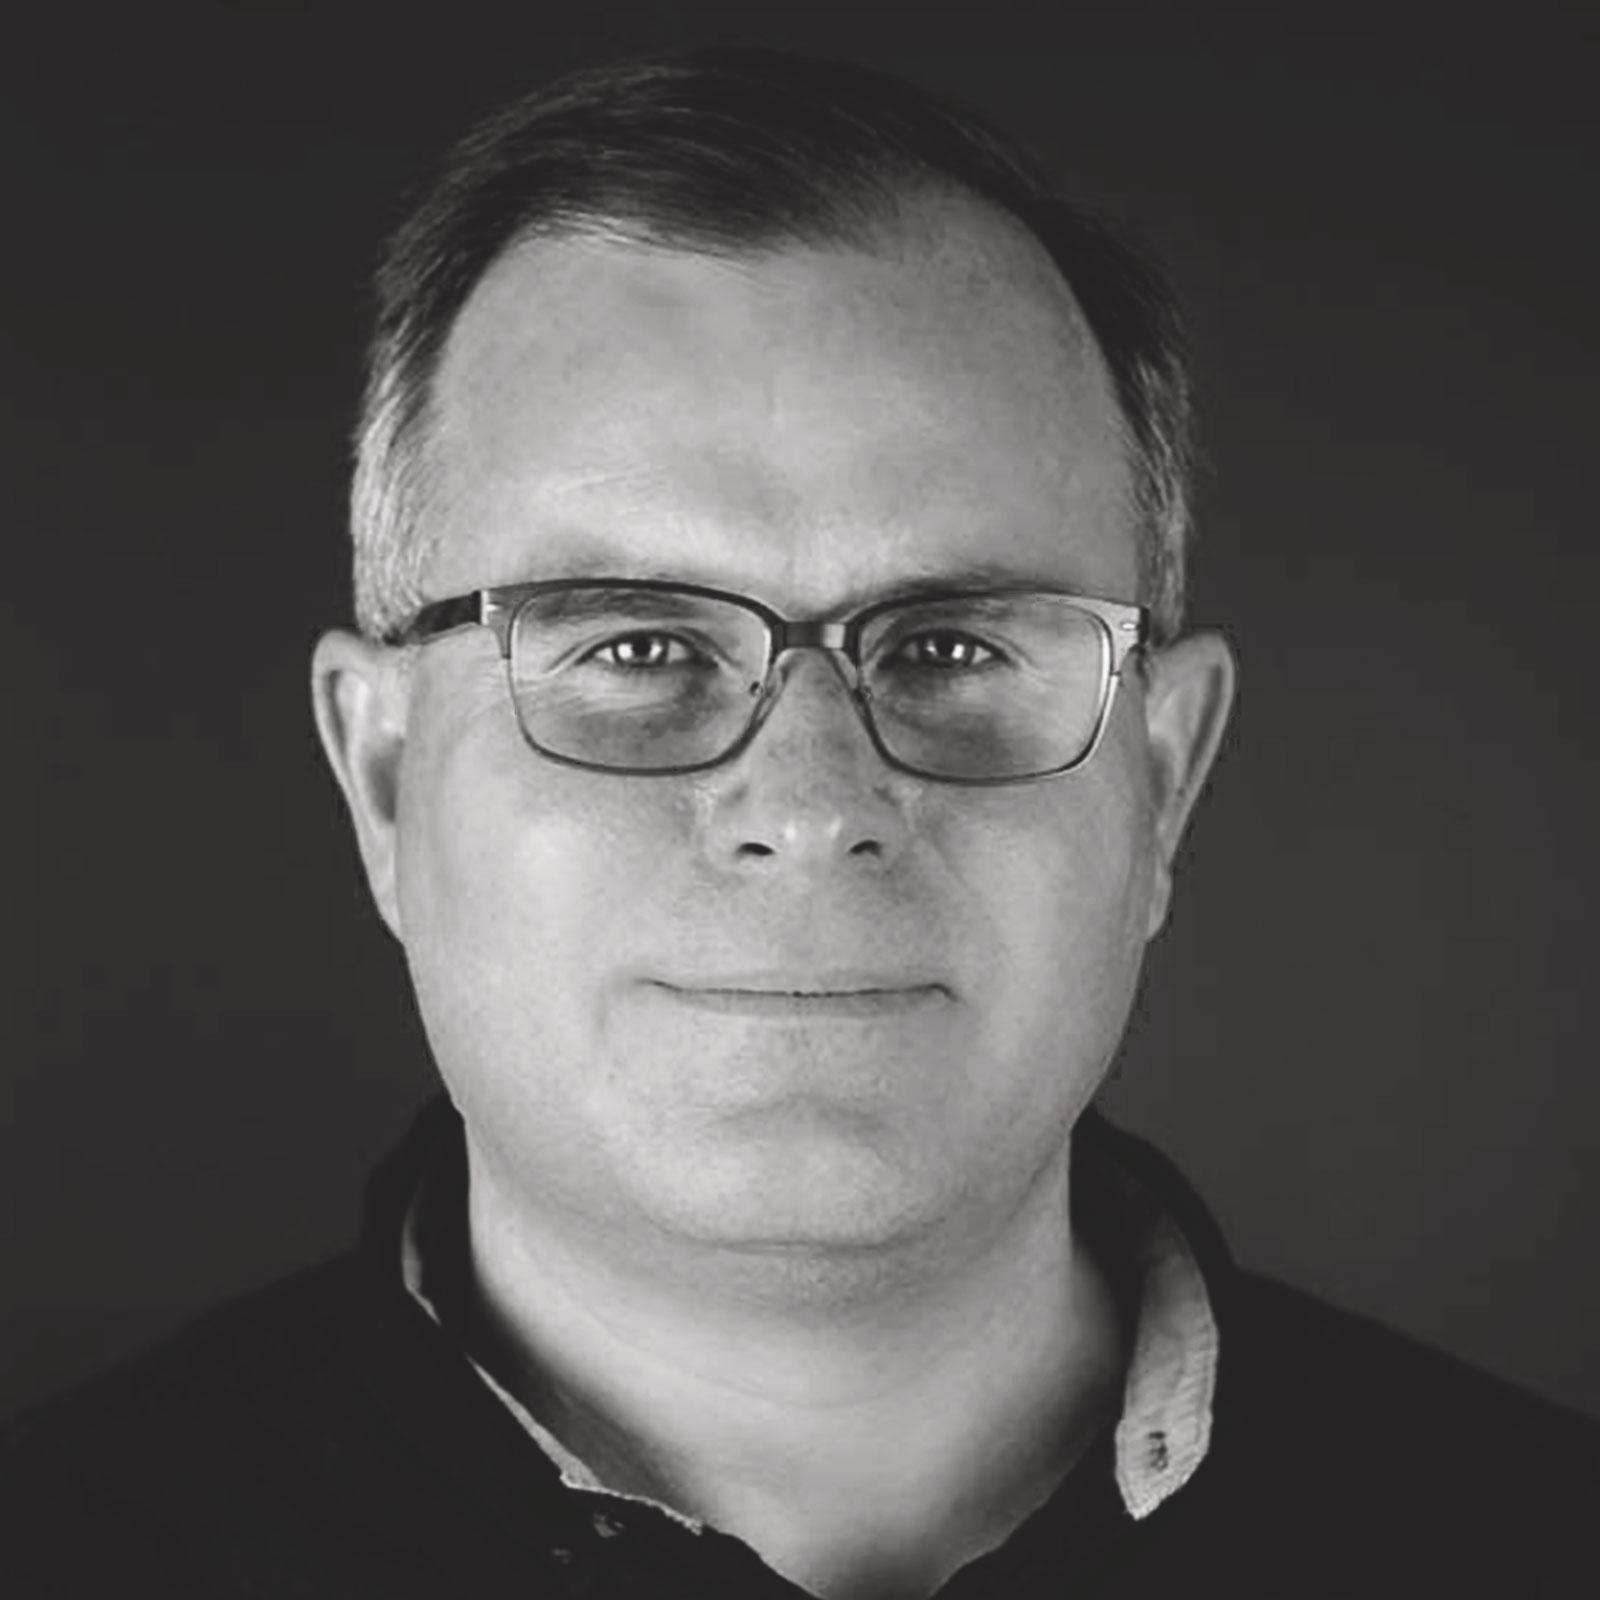 """<a href=""""https://christianstandard.com/author/kentfillinger/"""" target=""""_self"""">Kent Fillinger</a>"""